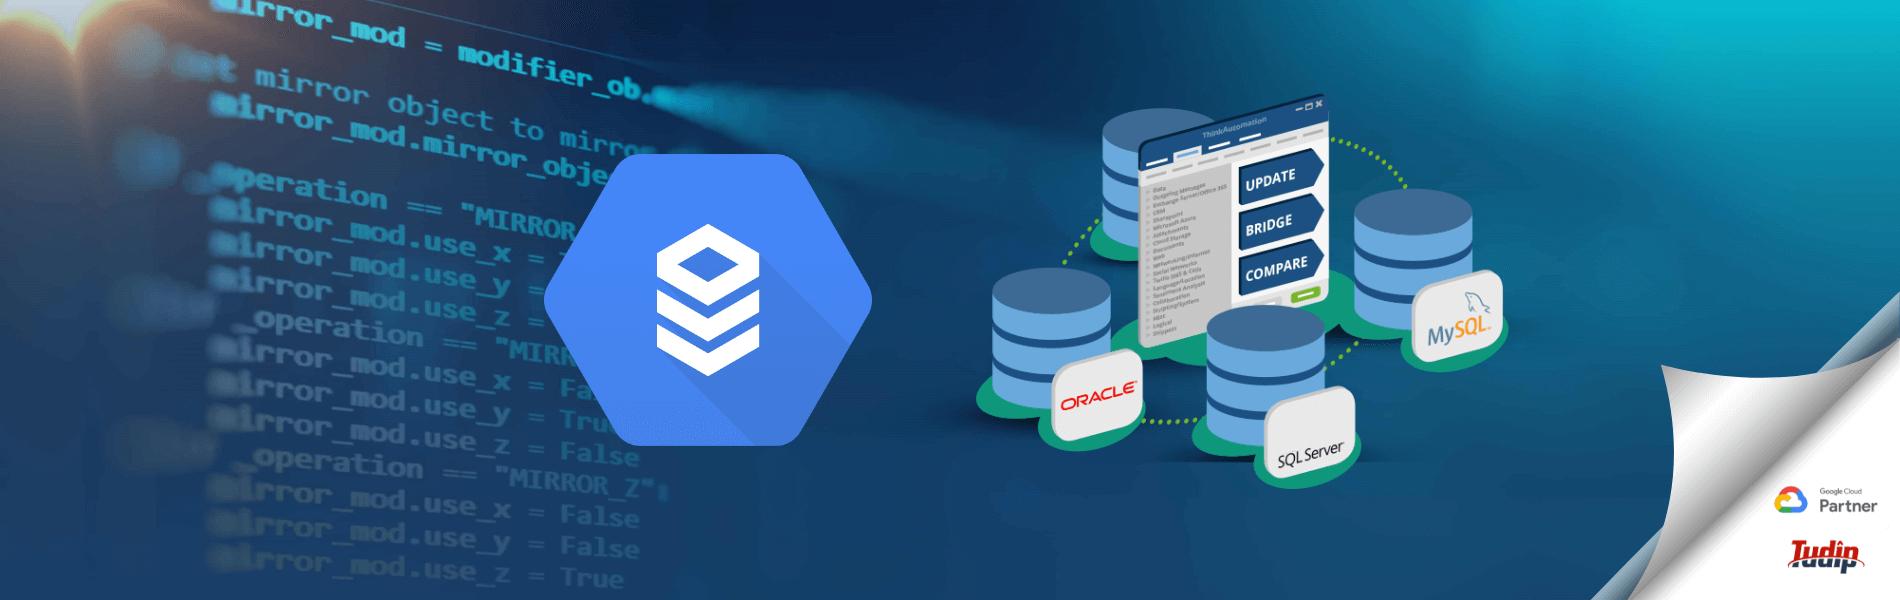 MySQL_Database_migration_to_Google_Cloud_SQL_changed_website